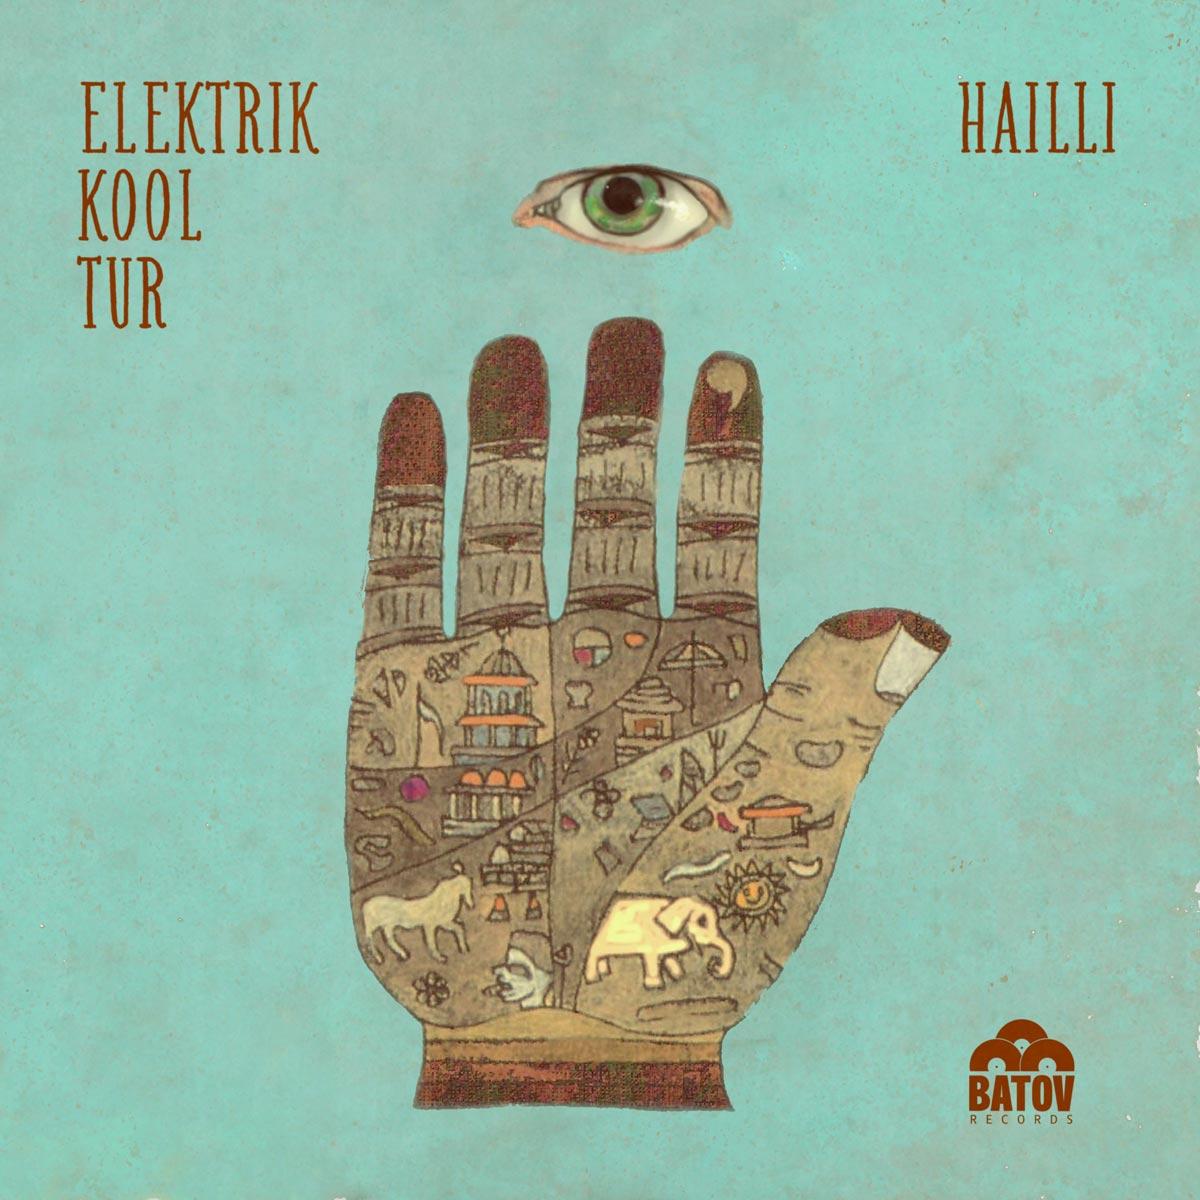 Elektrik Kool Tur - Hailli 4